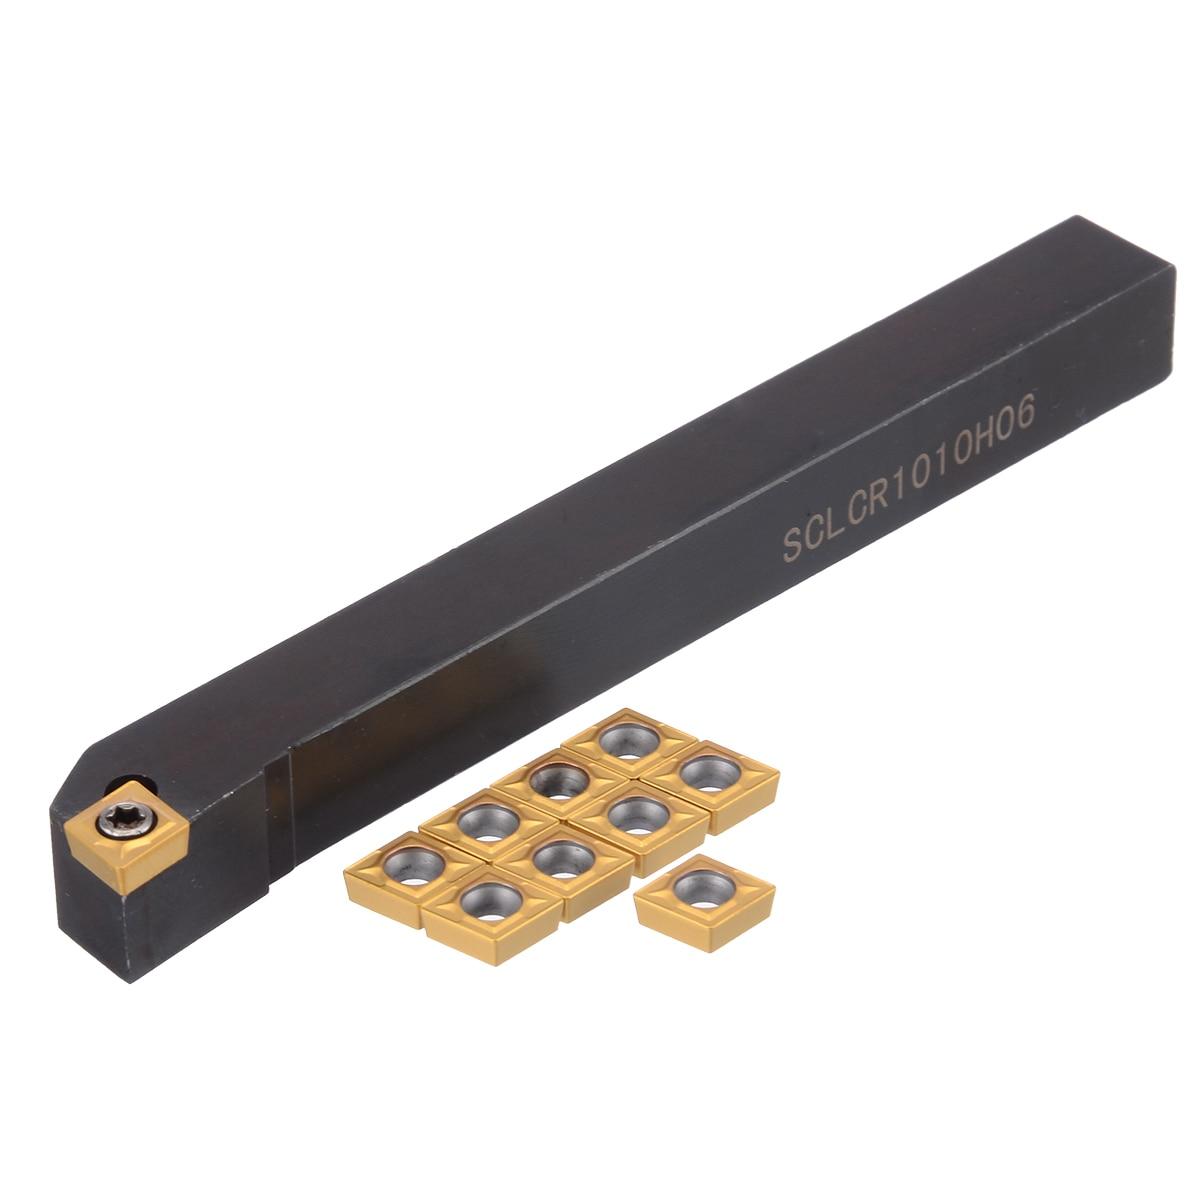 €8.49 35% СКИДКА|Практичный токарный инструмент 1 шт. SCLCR1010H06 Расточная планка + 10 шт. CCMT0602 вставки + 1 шт. гаечный ключ|Токарный инструмент| |  - AliExpress